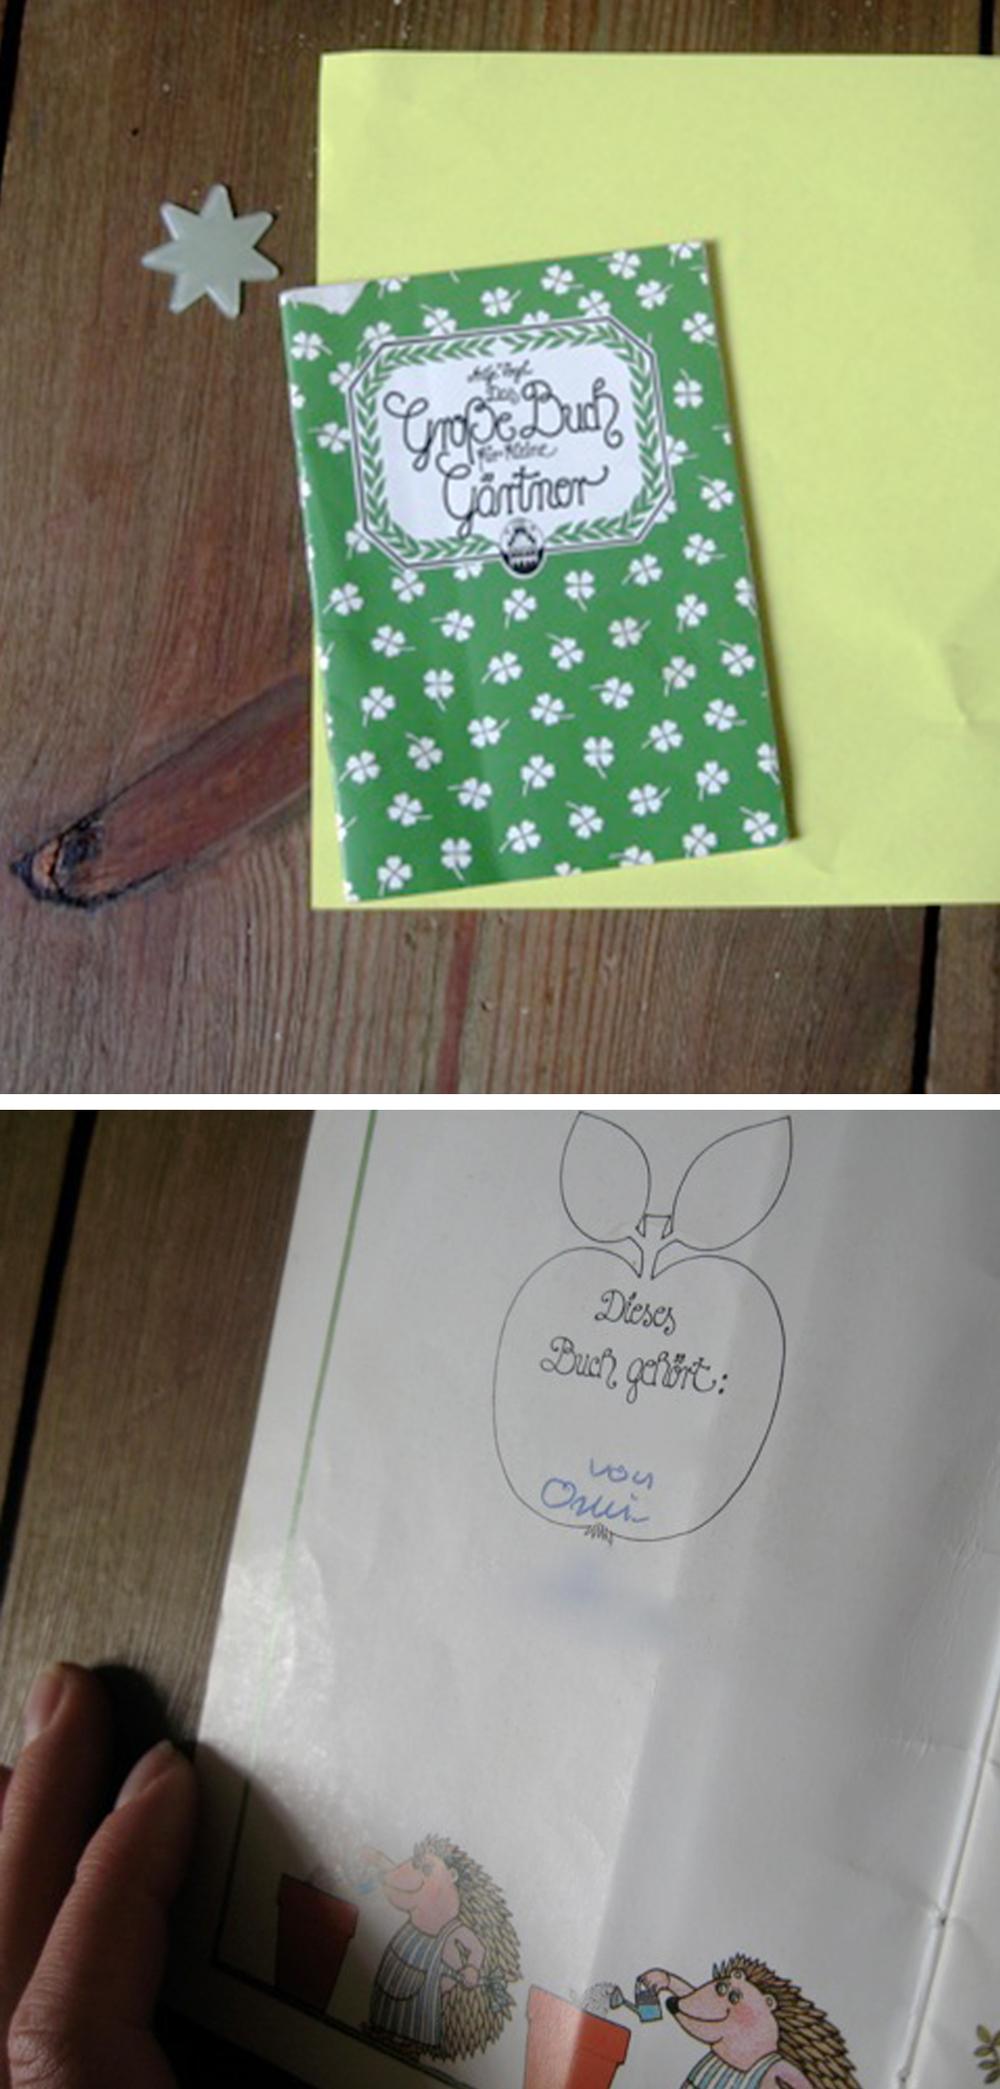 Grosse Buch für kleine Gärtner.jpg